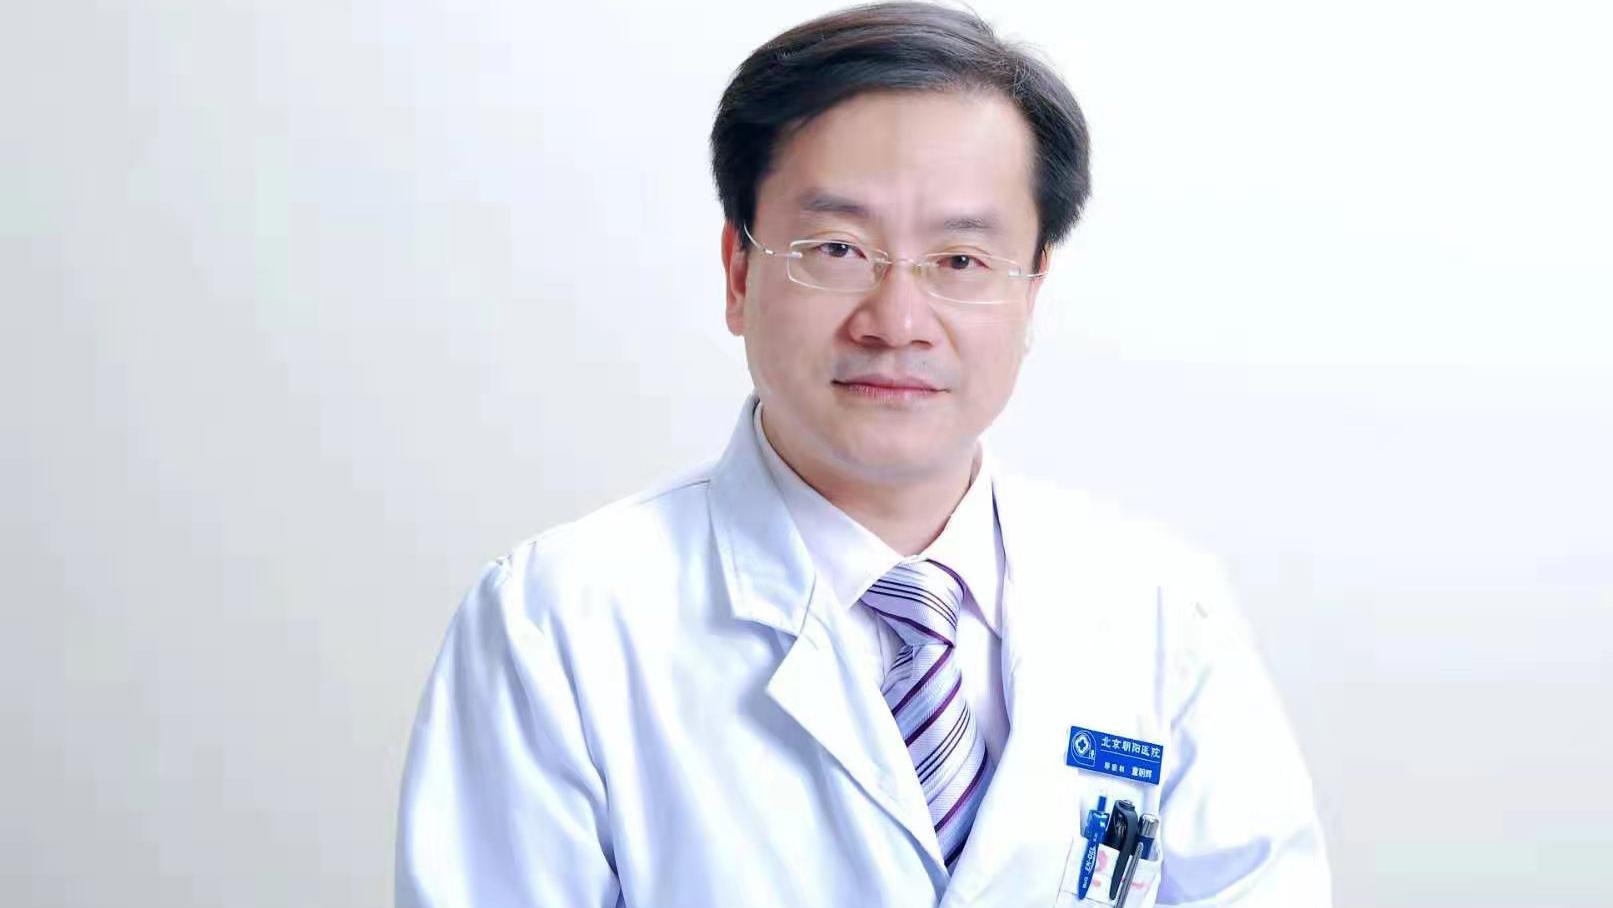 中央指導組專家、北京朝陽醫院副院長童朝暉。(Public Domain)